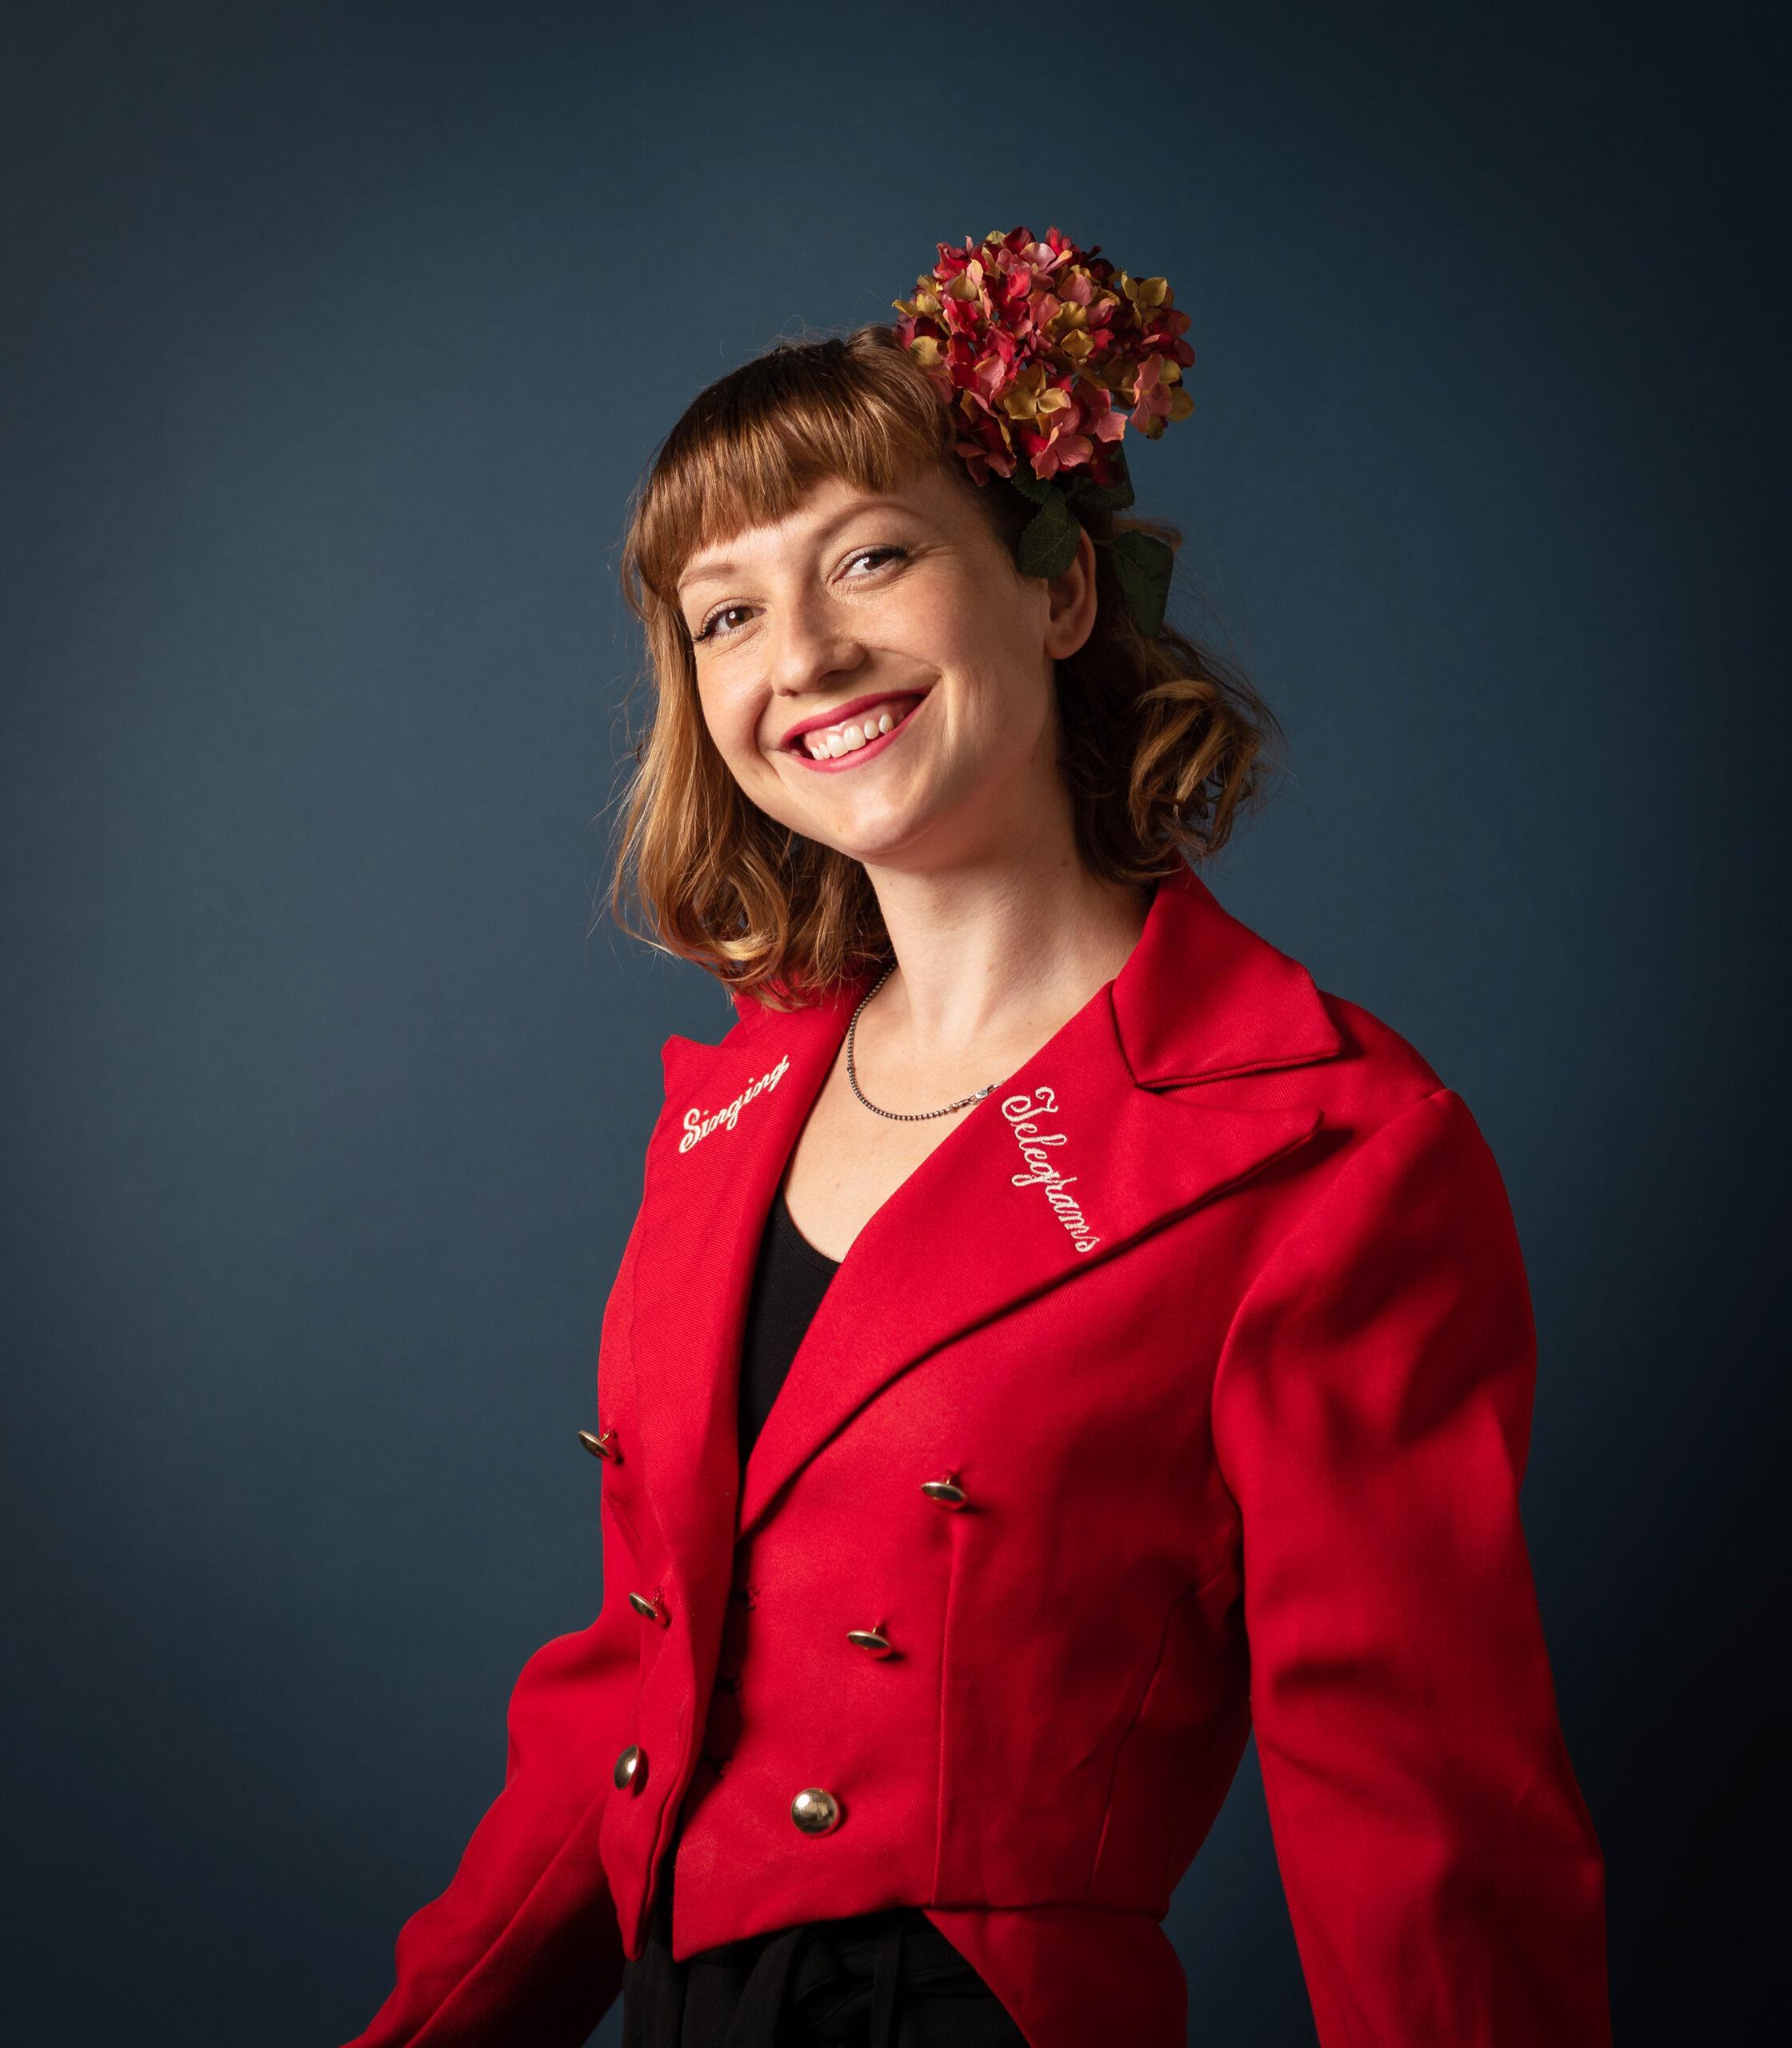 Lone Rasmussen Photography, www.lonerasmussenphotography.dk, Fleur's Singing Telegram, Fleur, blomst i håret, glad pige, smil, portræt, portrætfotografi